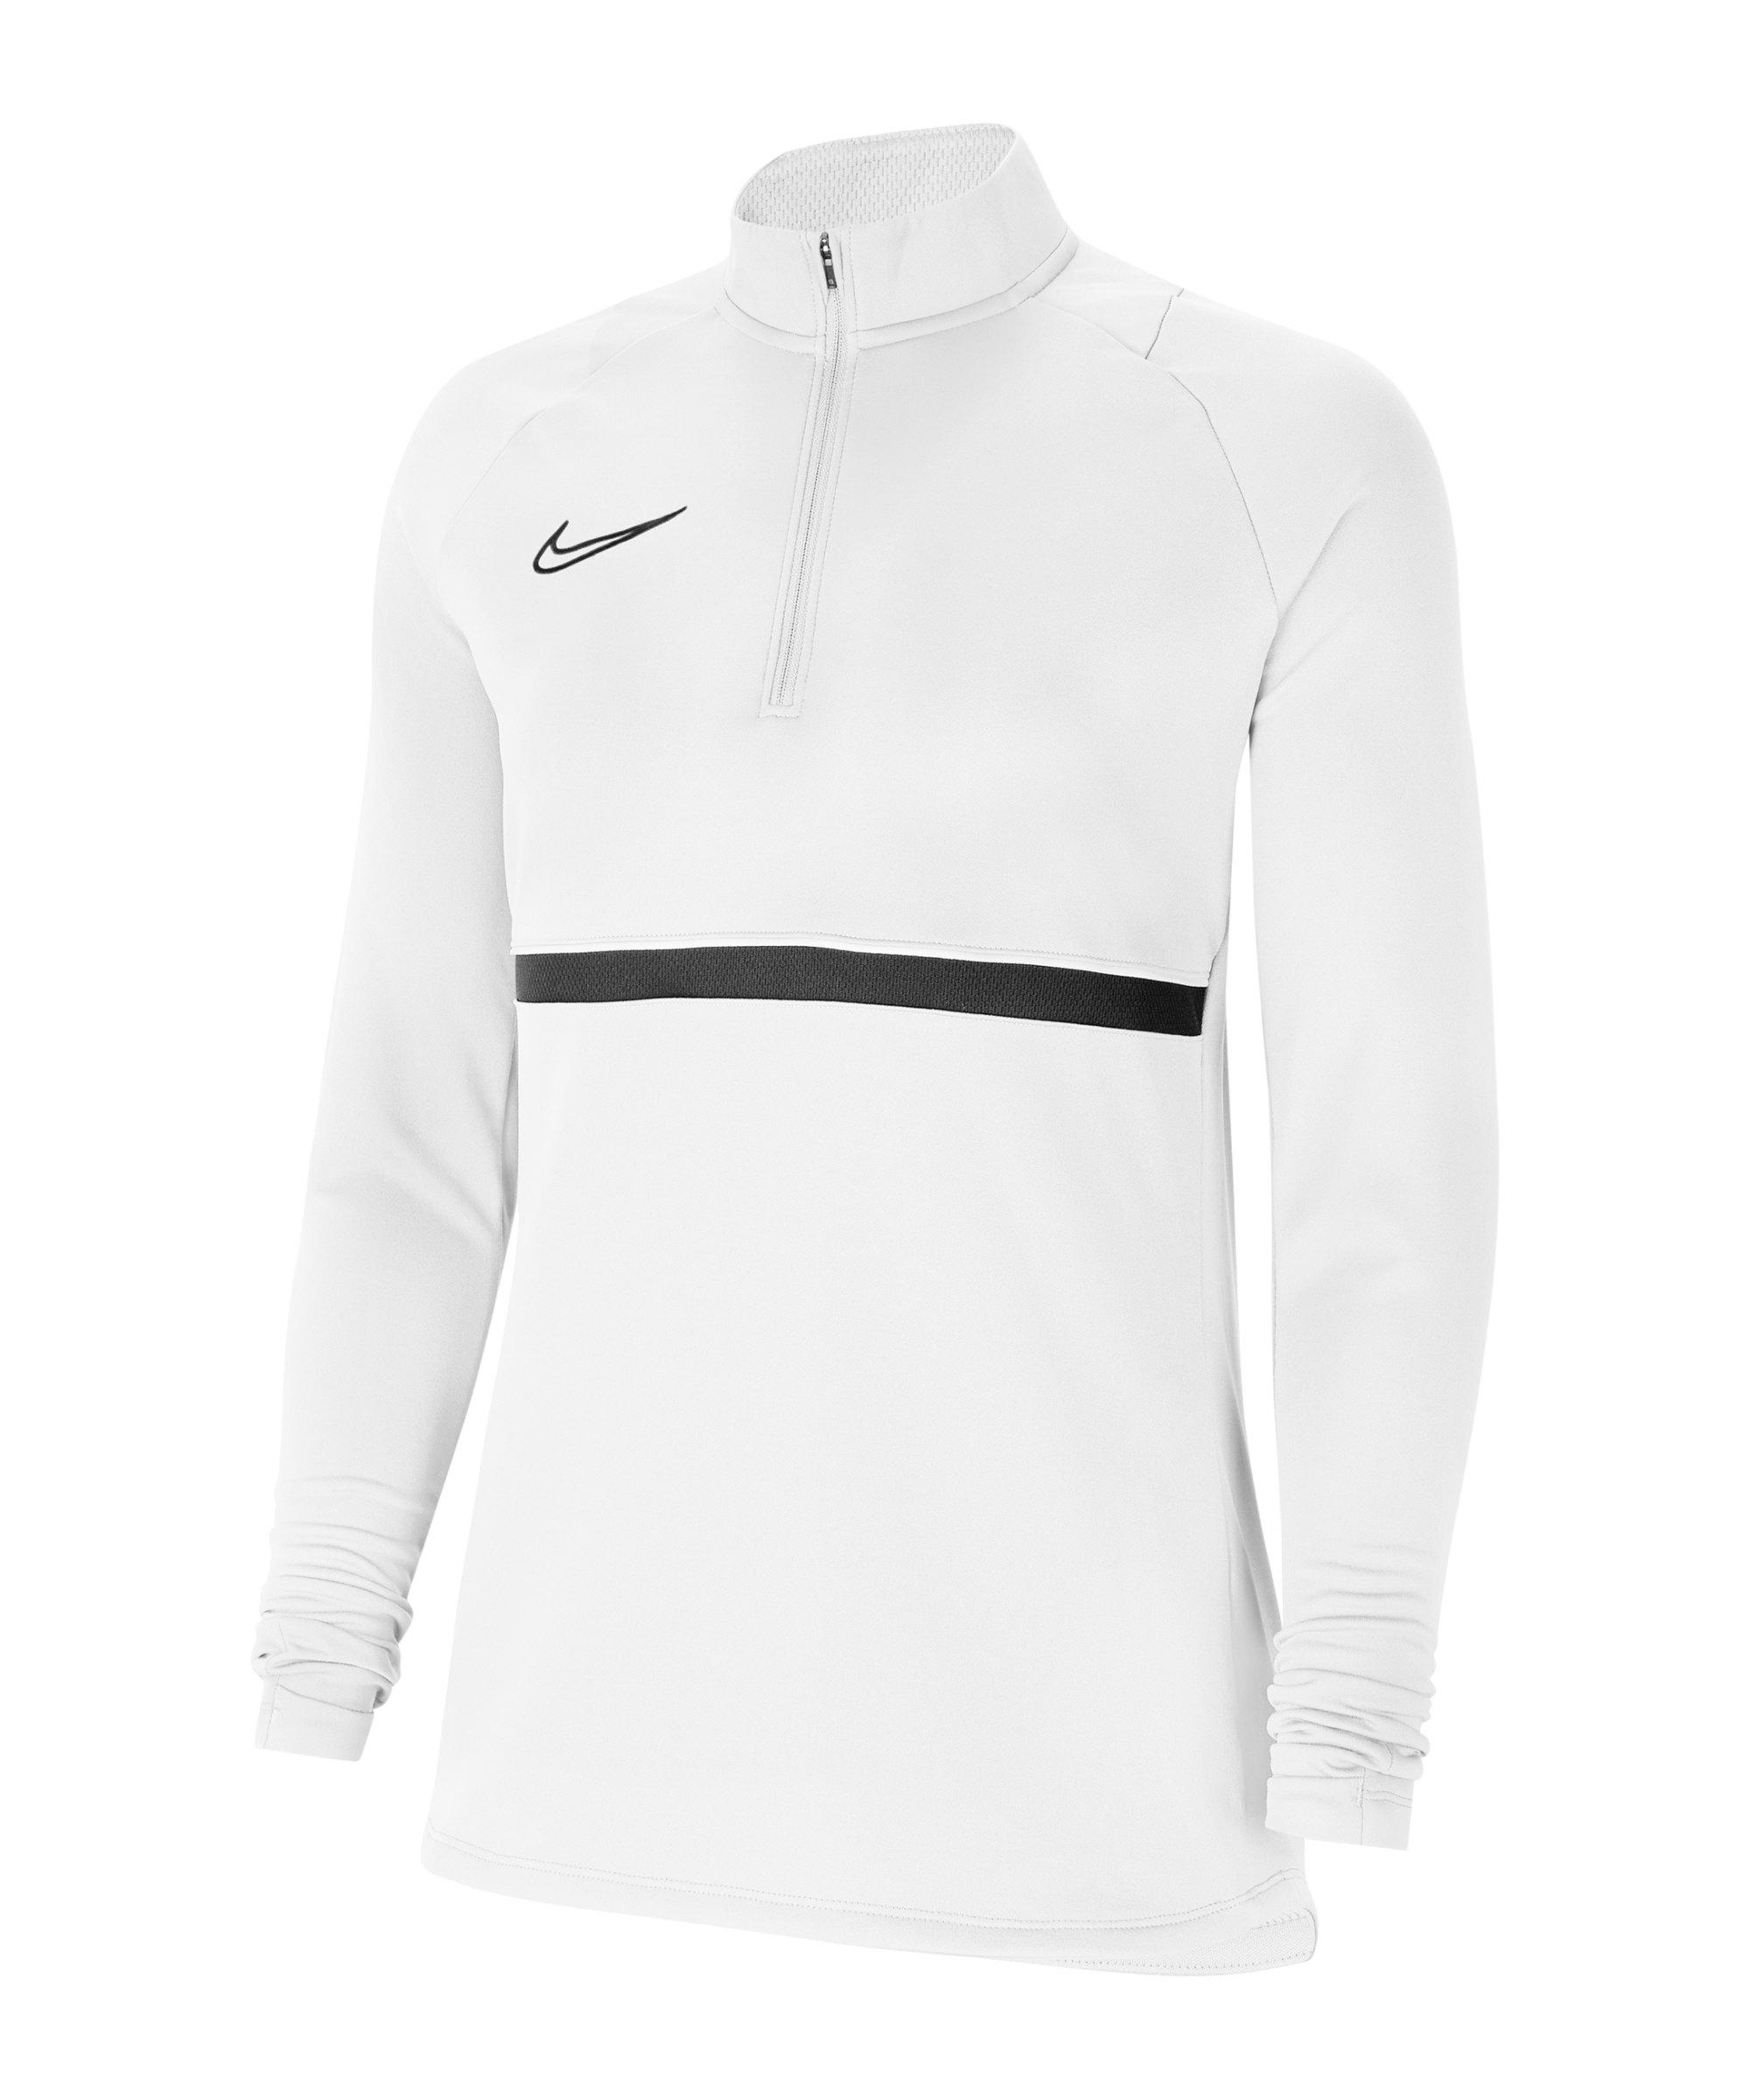 Nike Academy 21 Drill Top Damen Weiss Schwarz F100 - weiss